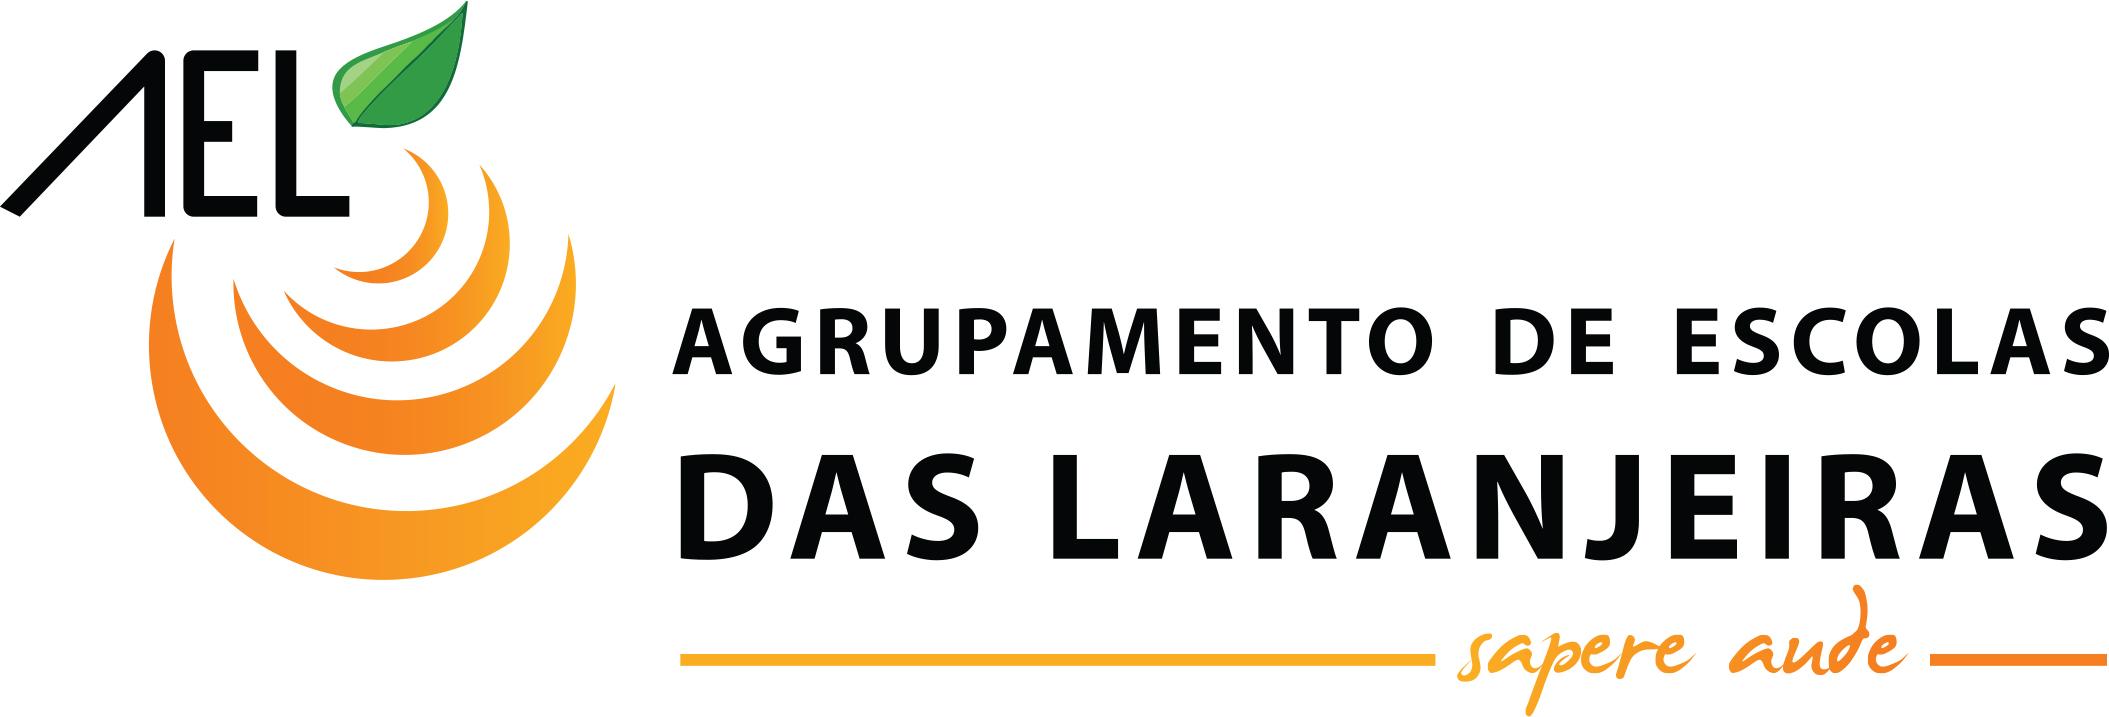 Agrupamento de Escolas das Laranjeiras